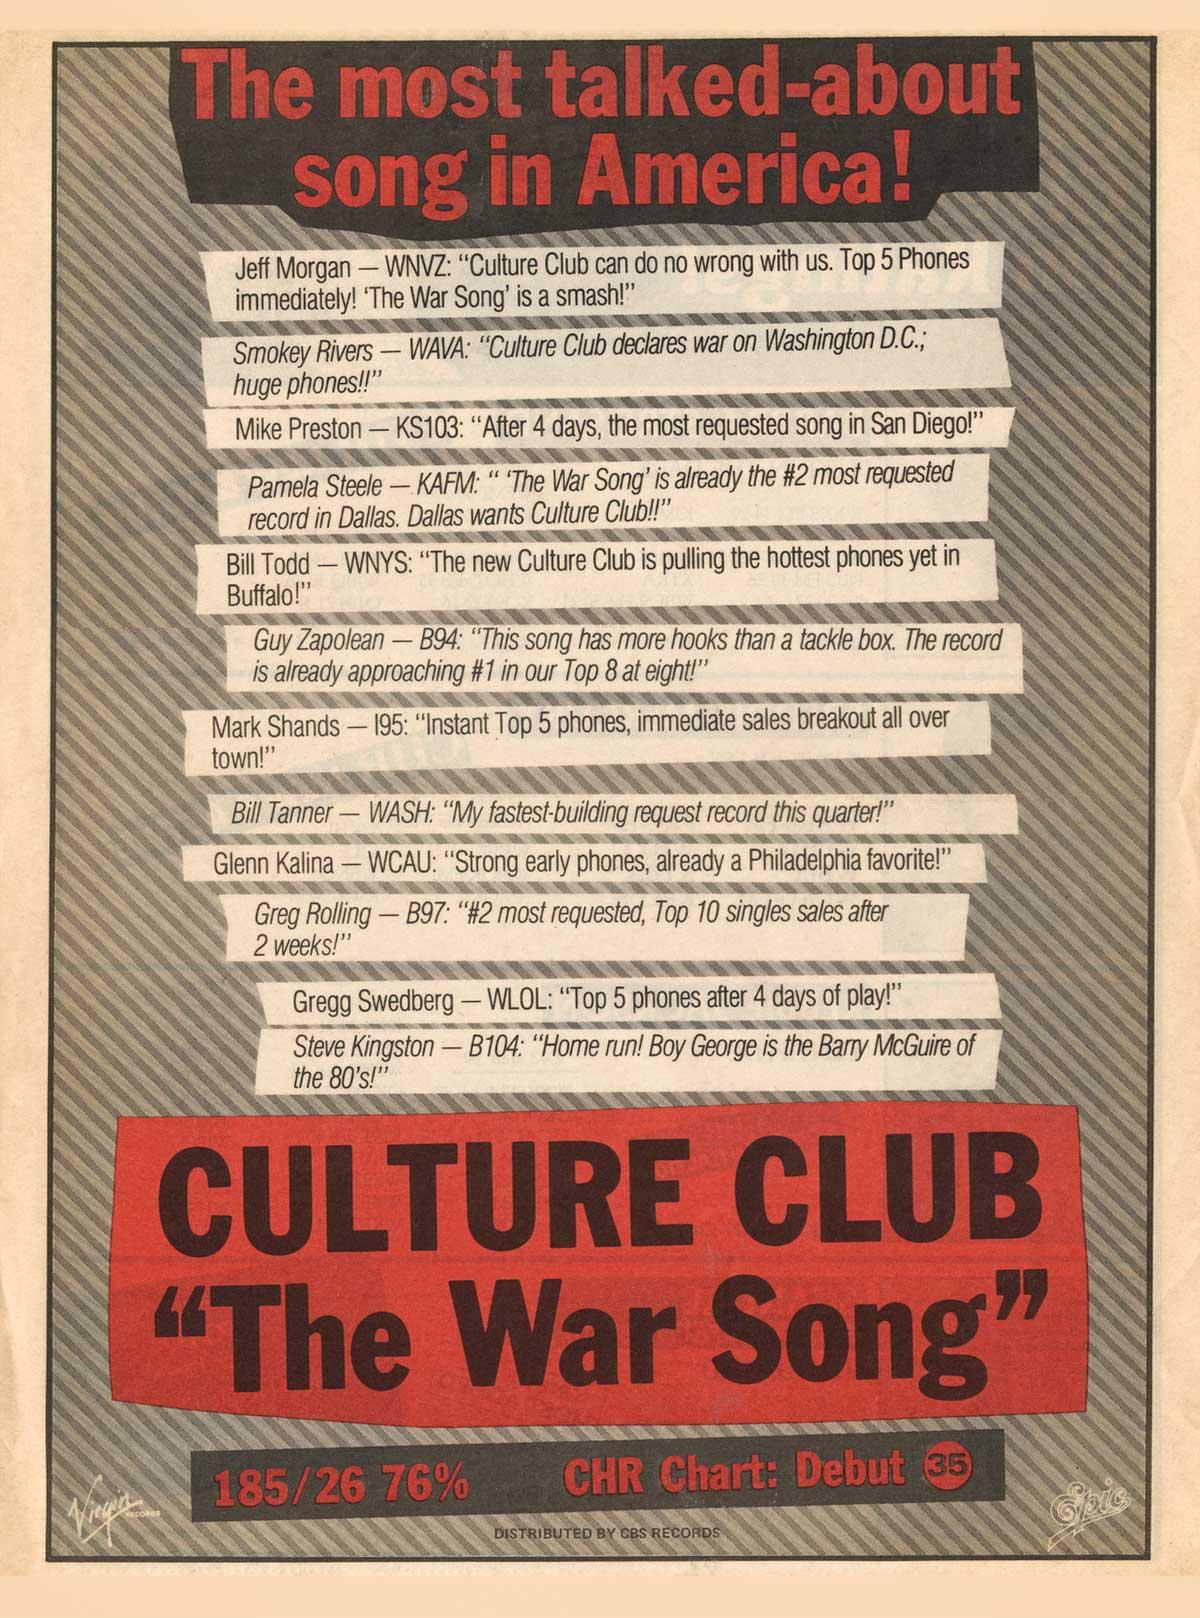 cultureclub1-1200w.jpg